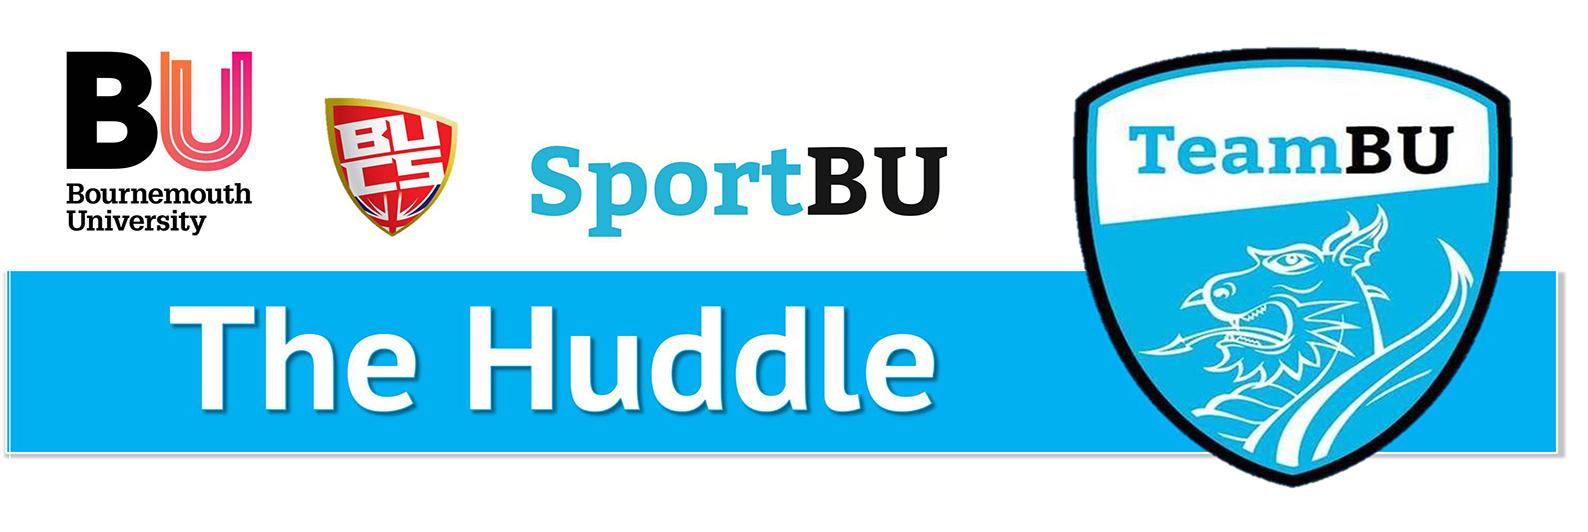 huddle-banner.jpg